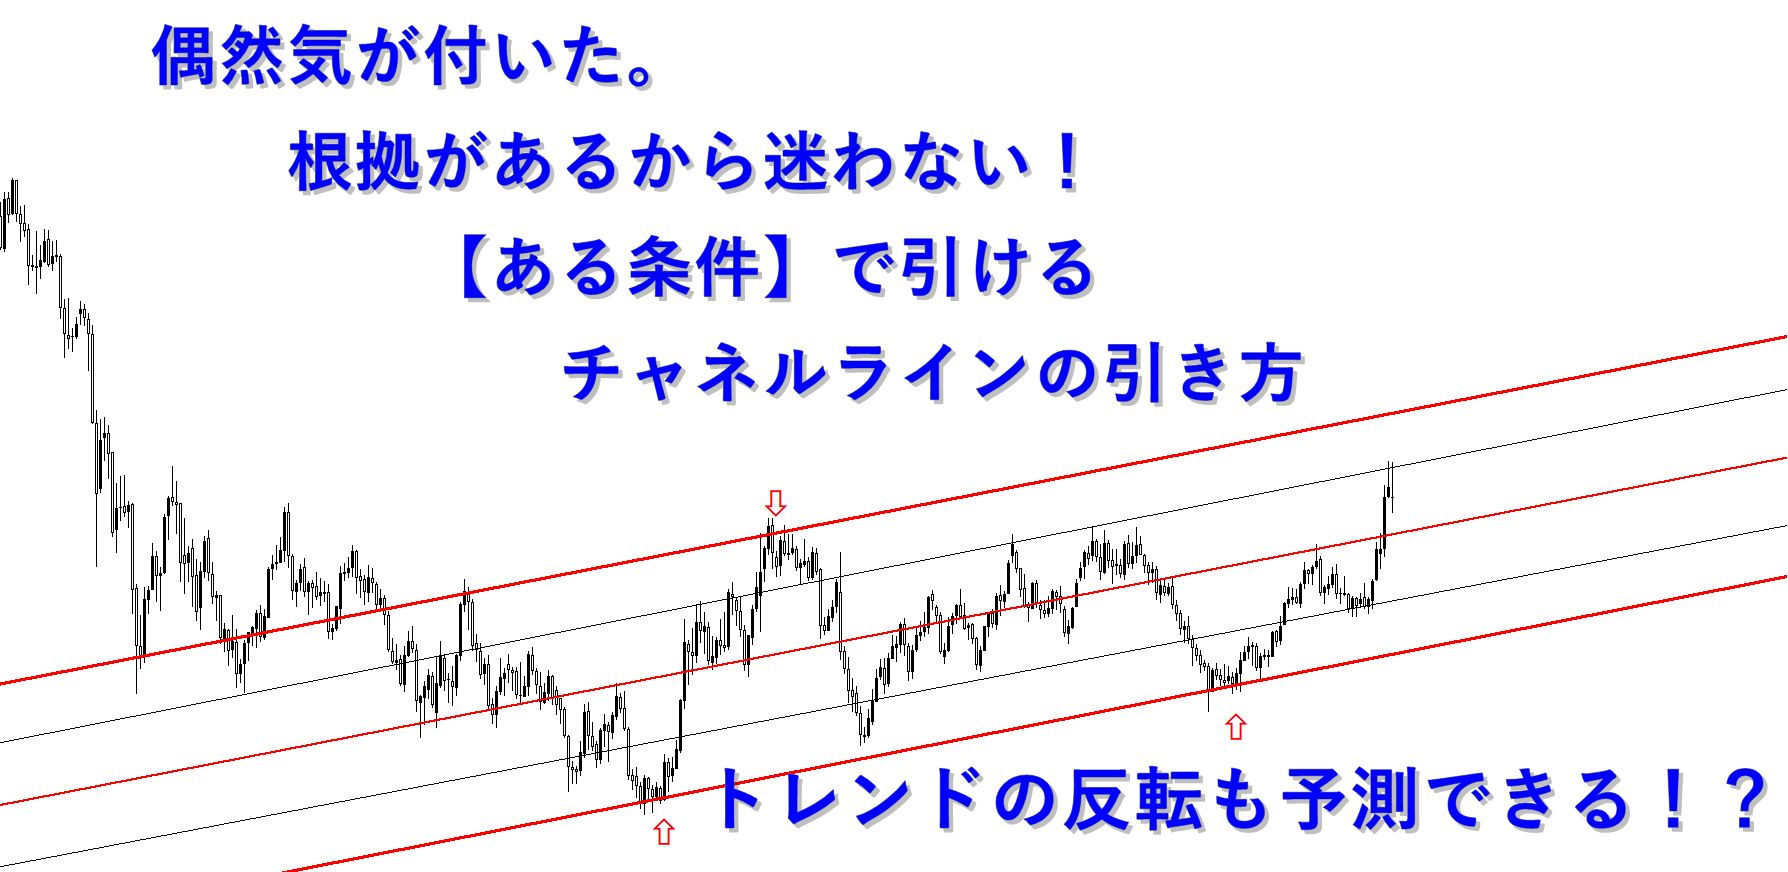 偶然気が付いた。根拠があるから迷わない!【ある条件】で引けるチャネルラインの引き方。